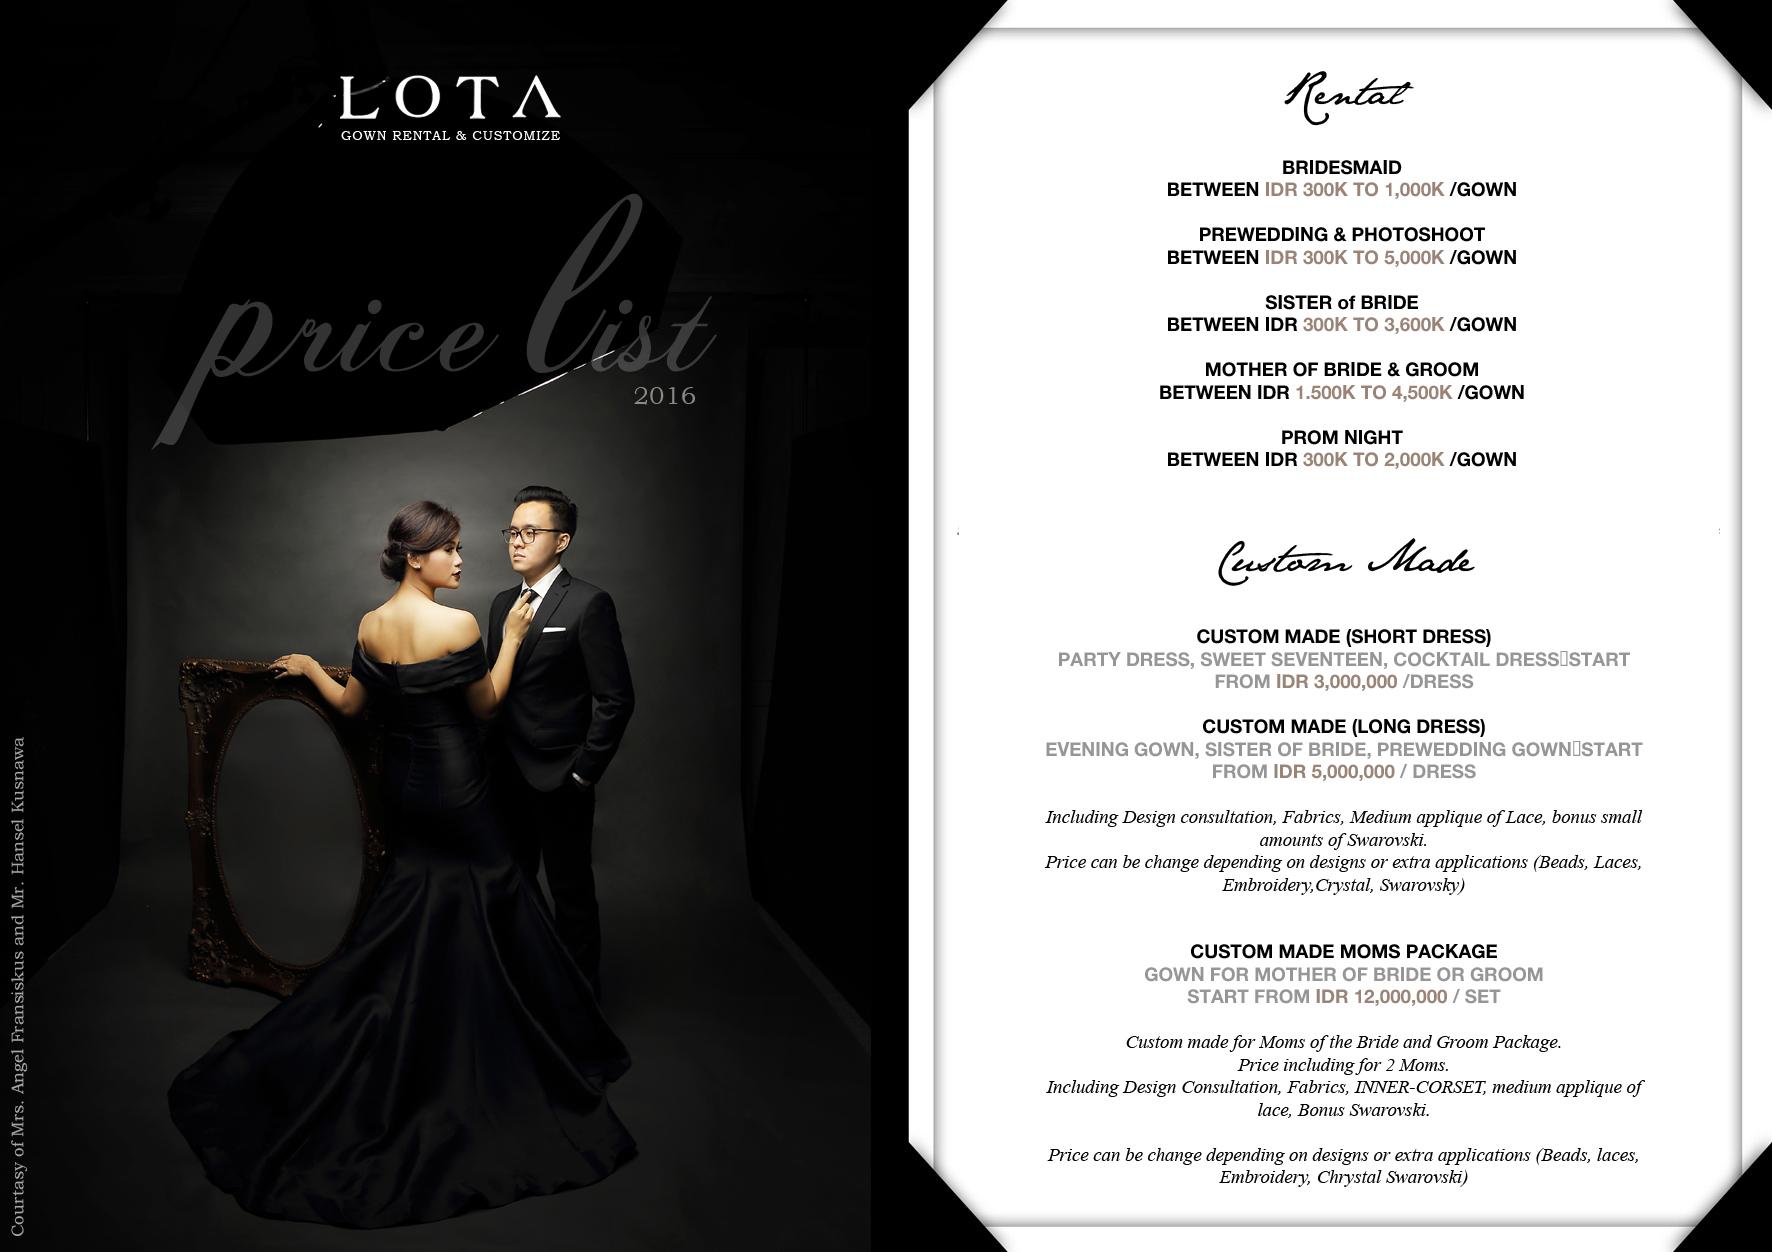 lota PL 2017 copy